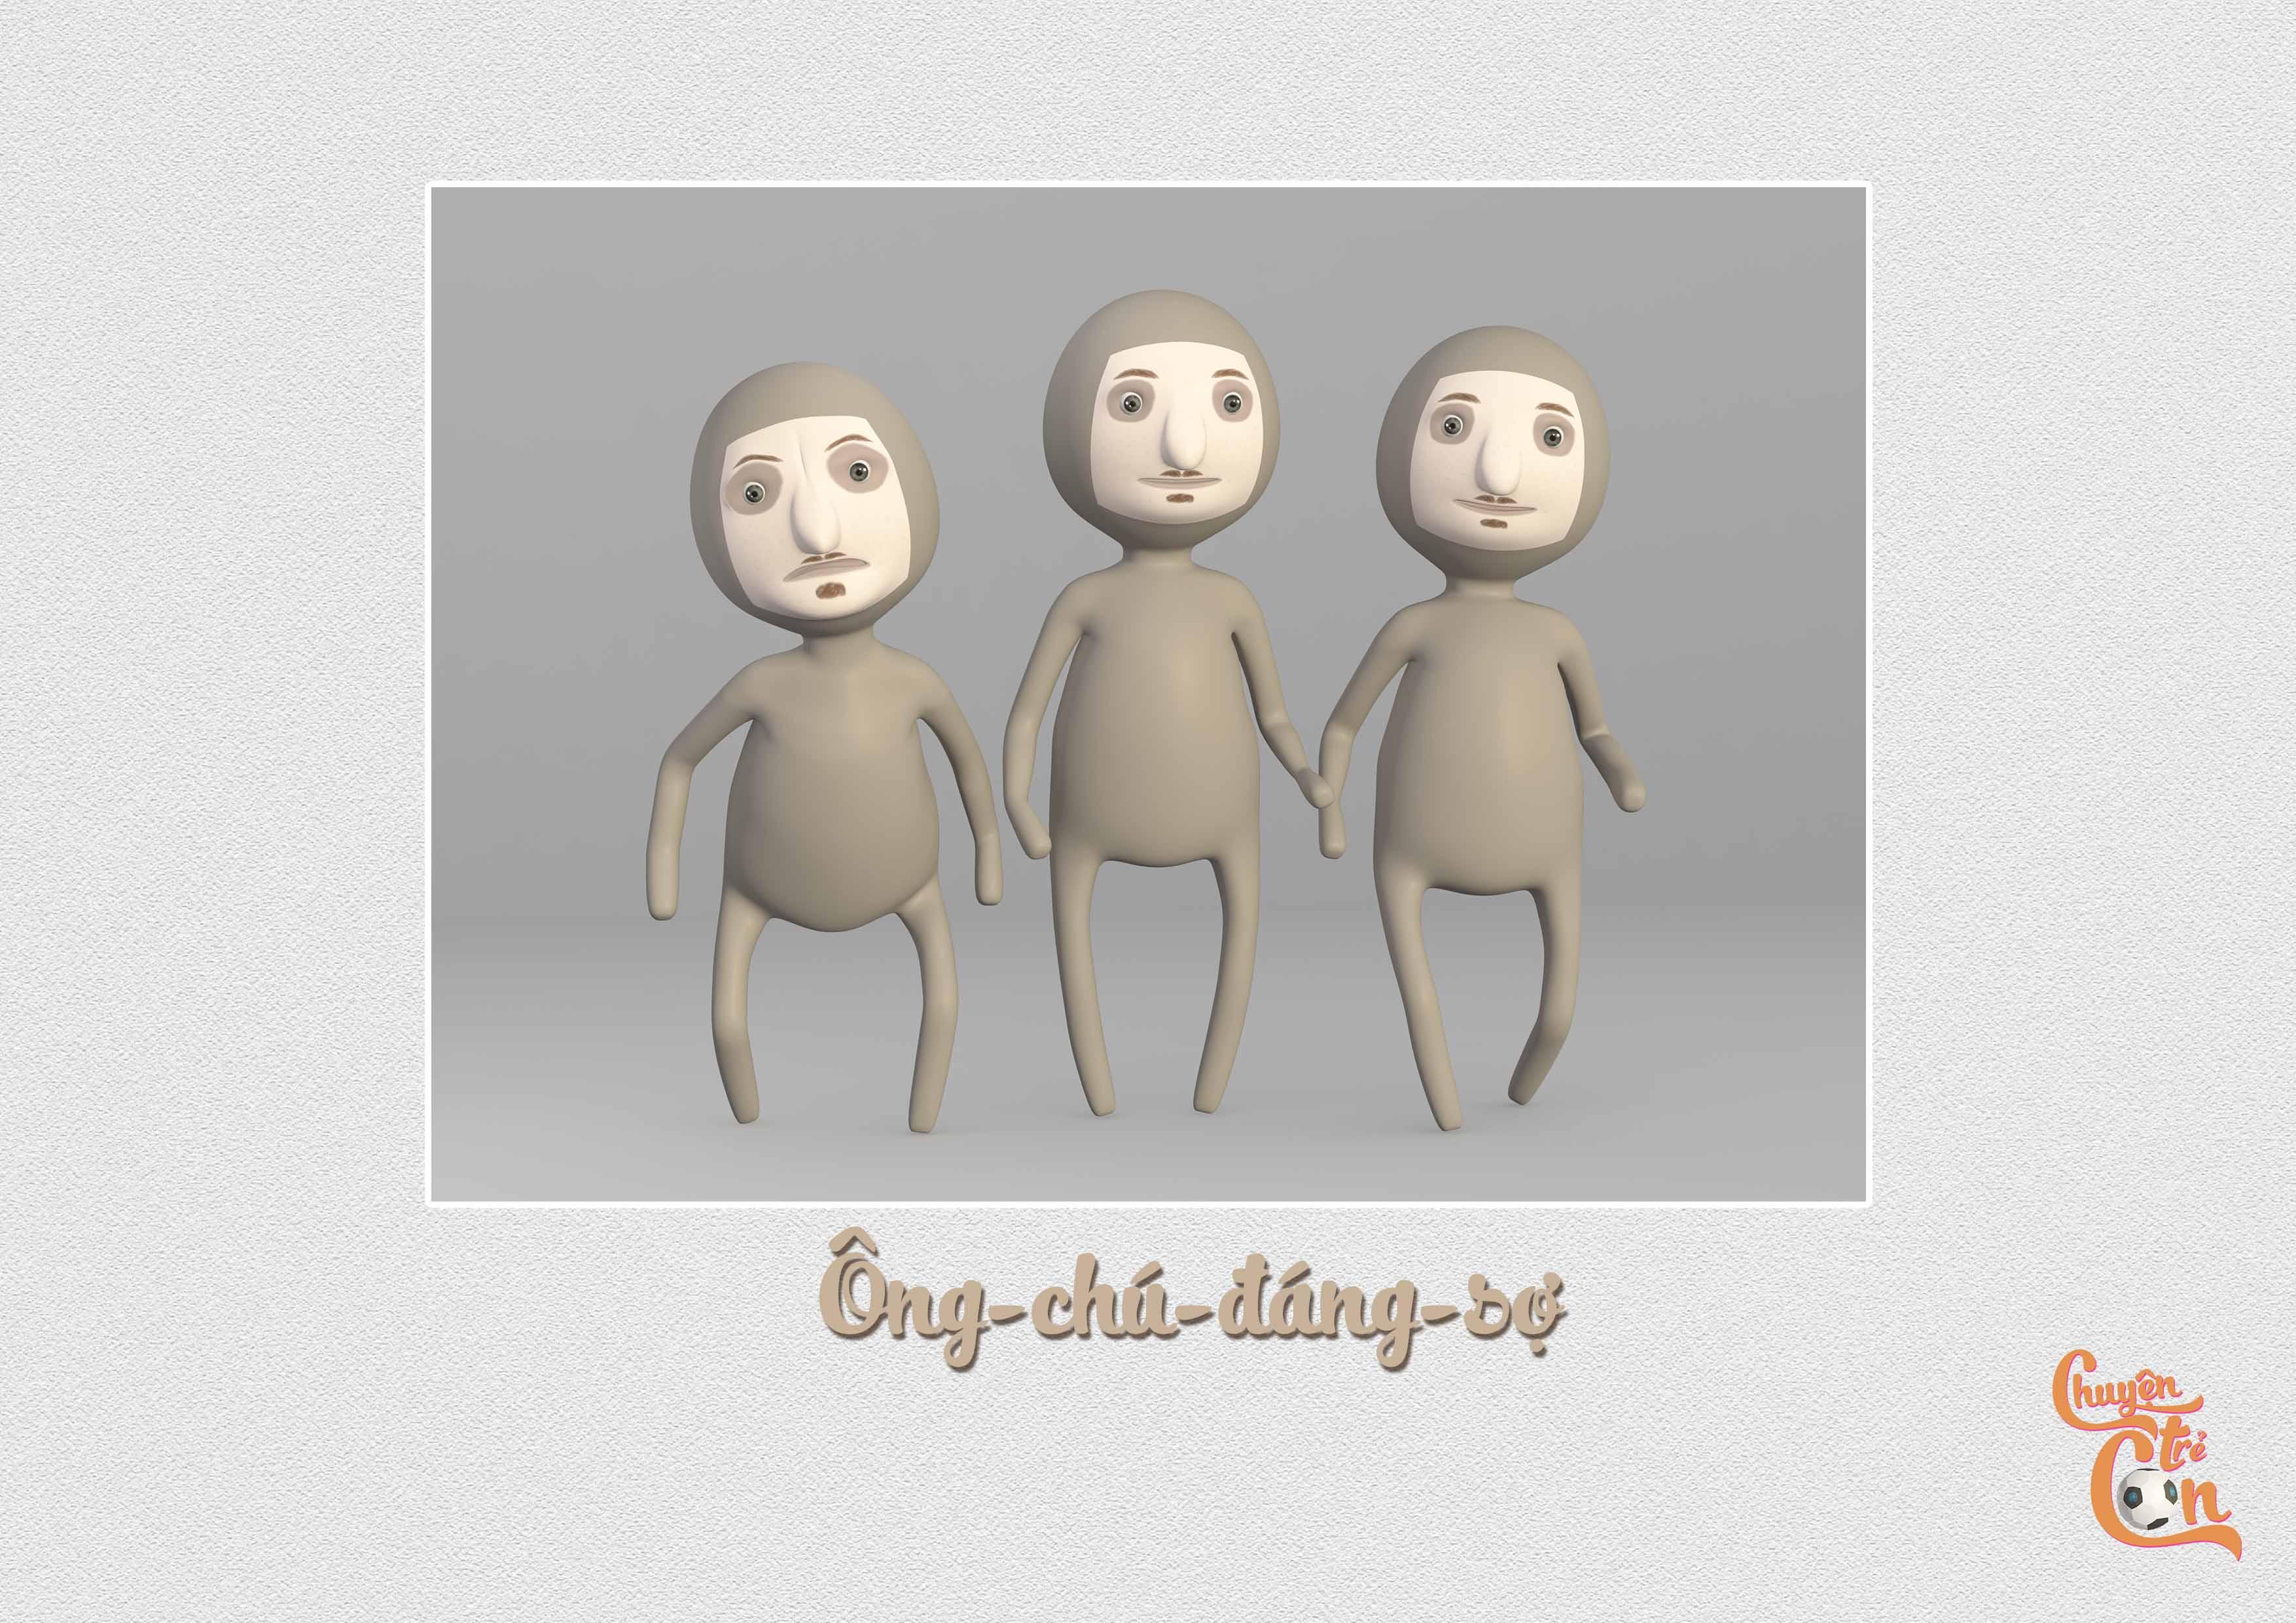 """Quy trình làm phim hoạt hình 3D qua bộ phim """"Chuyện trẻ con"""" Chuyen_tre_con_5-jpg"""